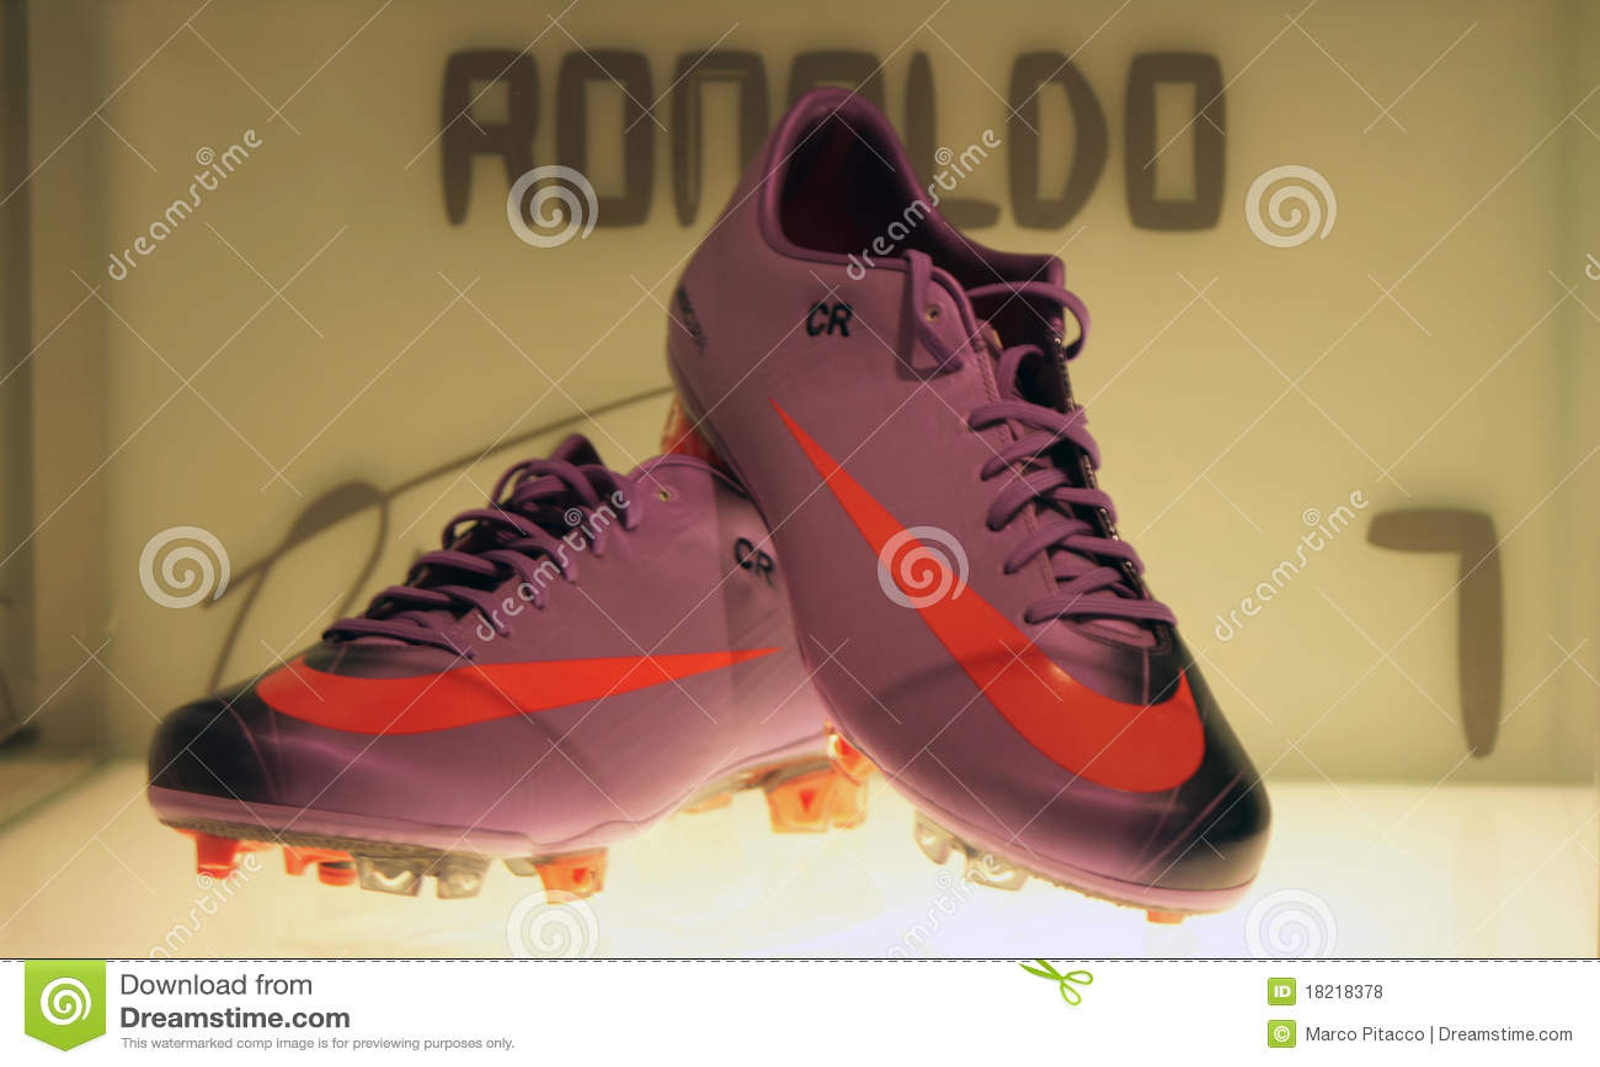 bc333c74b46c2 Un tiro de los zapatos de Cristiano Ronaldo en el museo de Real Madrid.